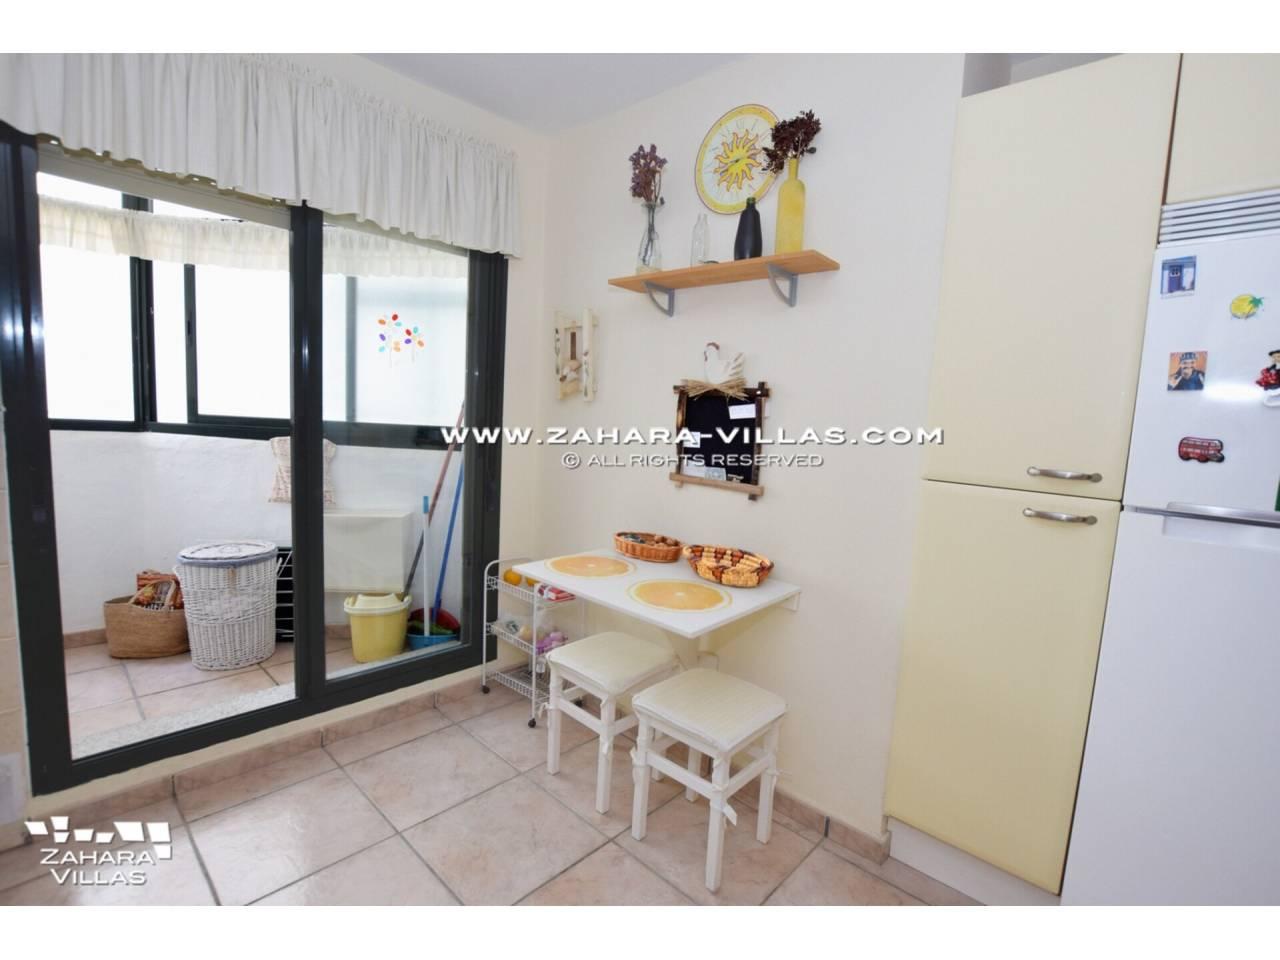 Imagen 24 de Coqueto apartamento en venta en urbanización Jardines de Zahara - Atlanterra